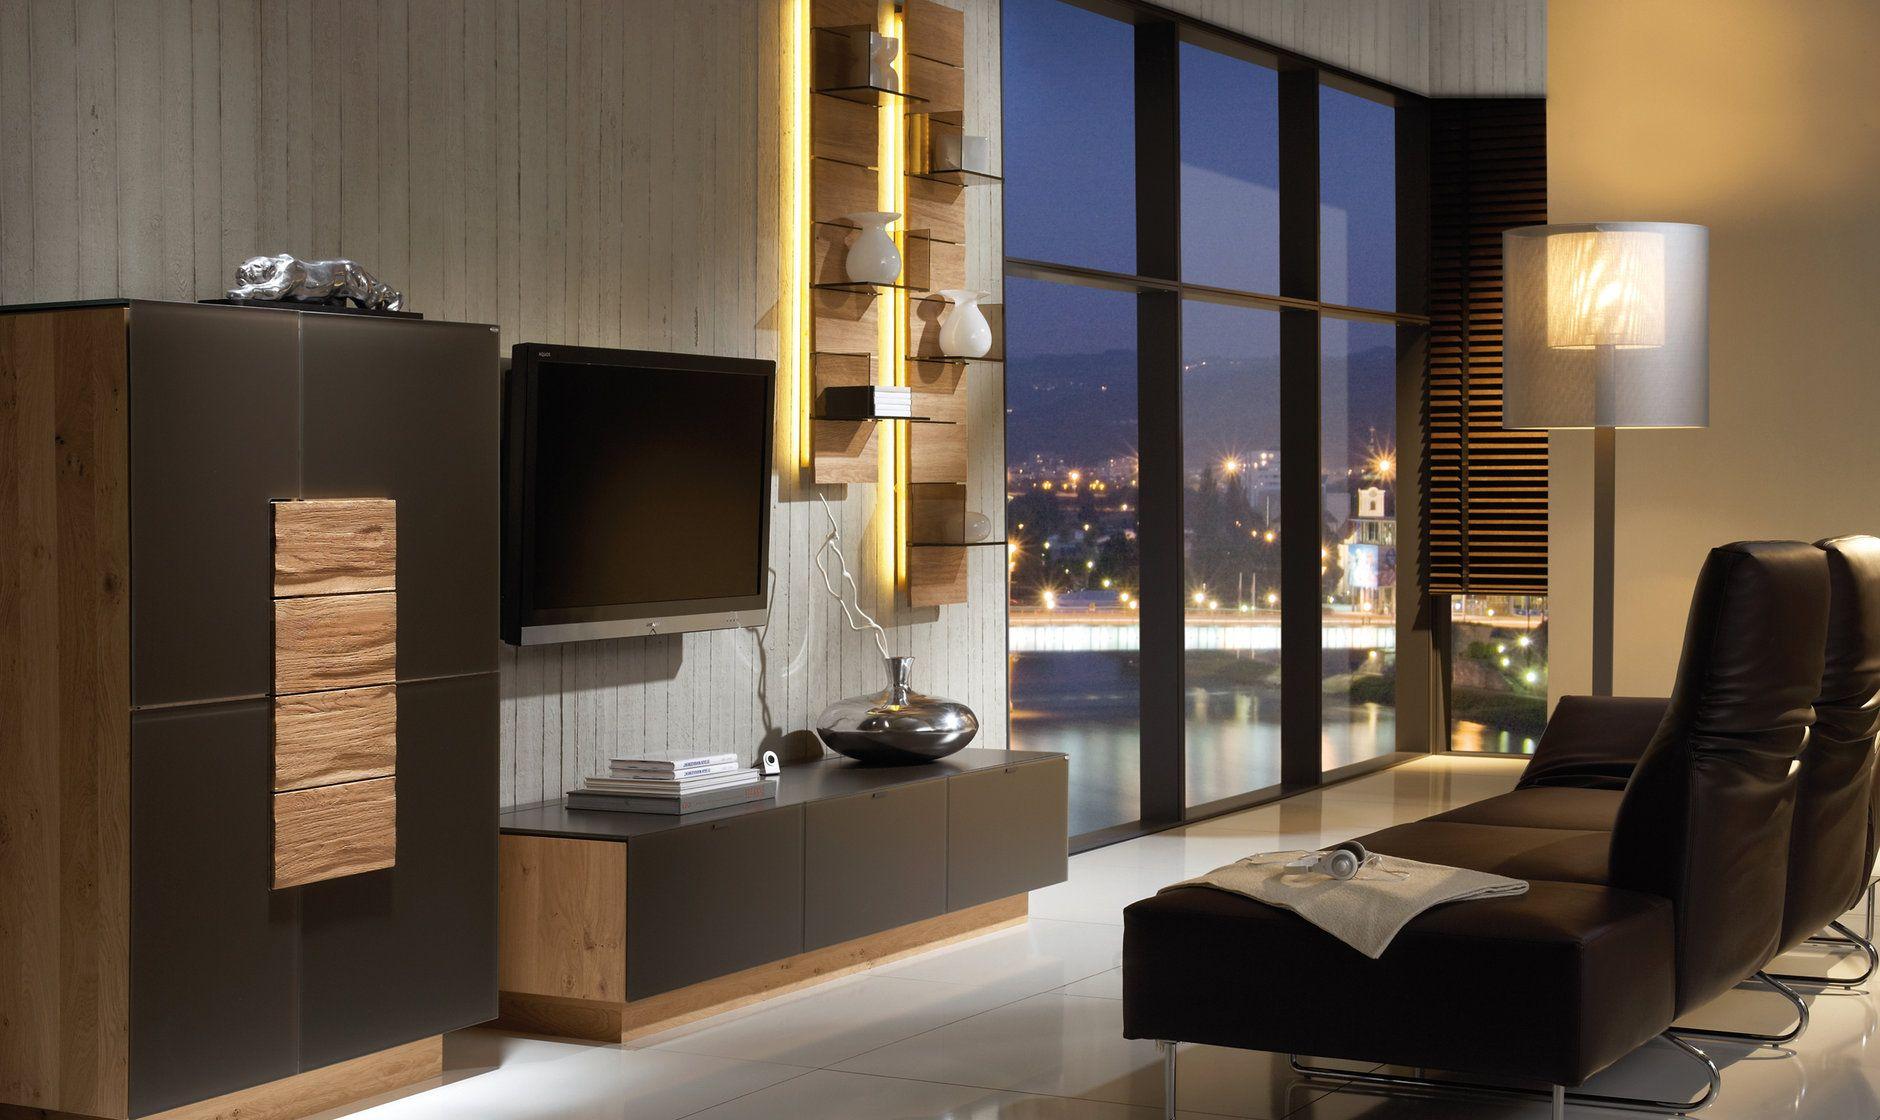 v-montana - wohnzimmermöbel - voglauer | gavetas | pinterest | montana, Hause ideen